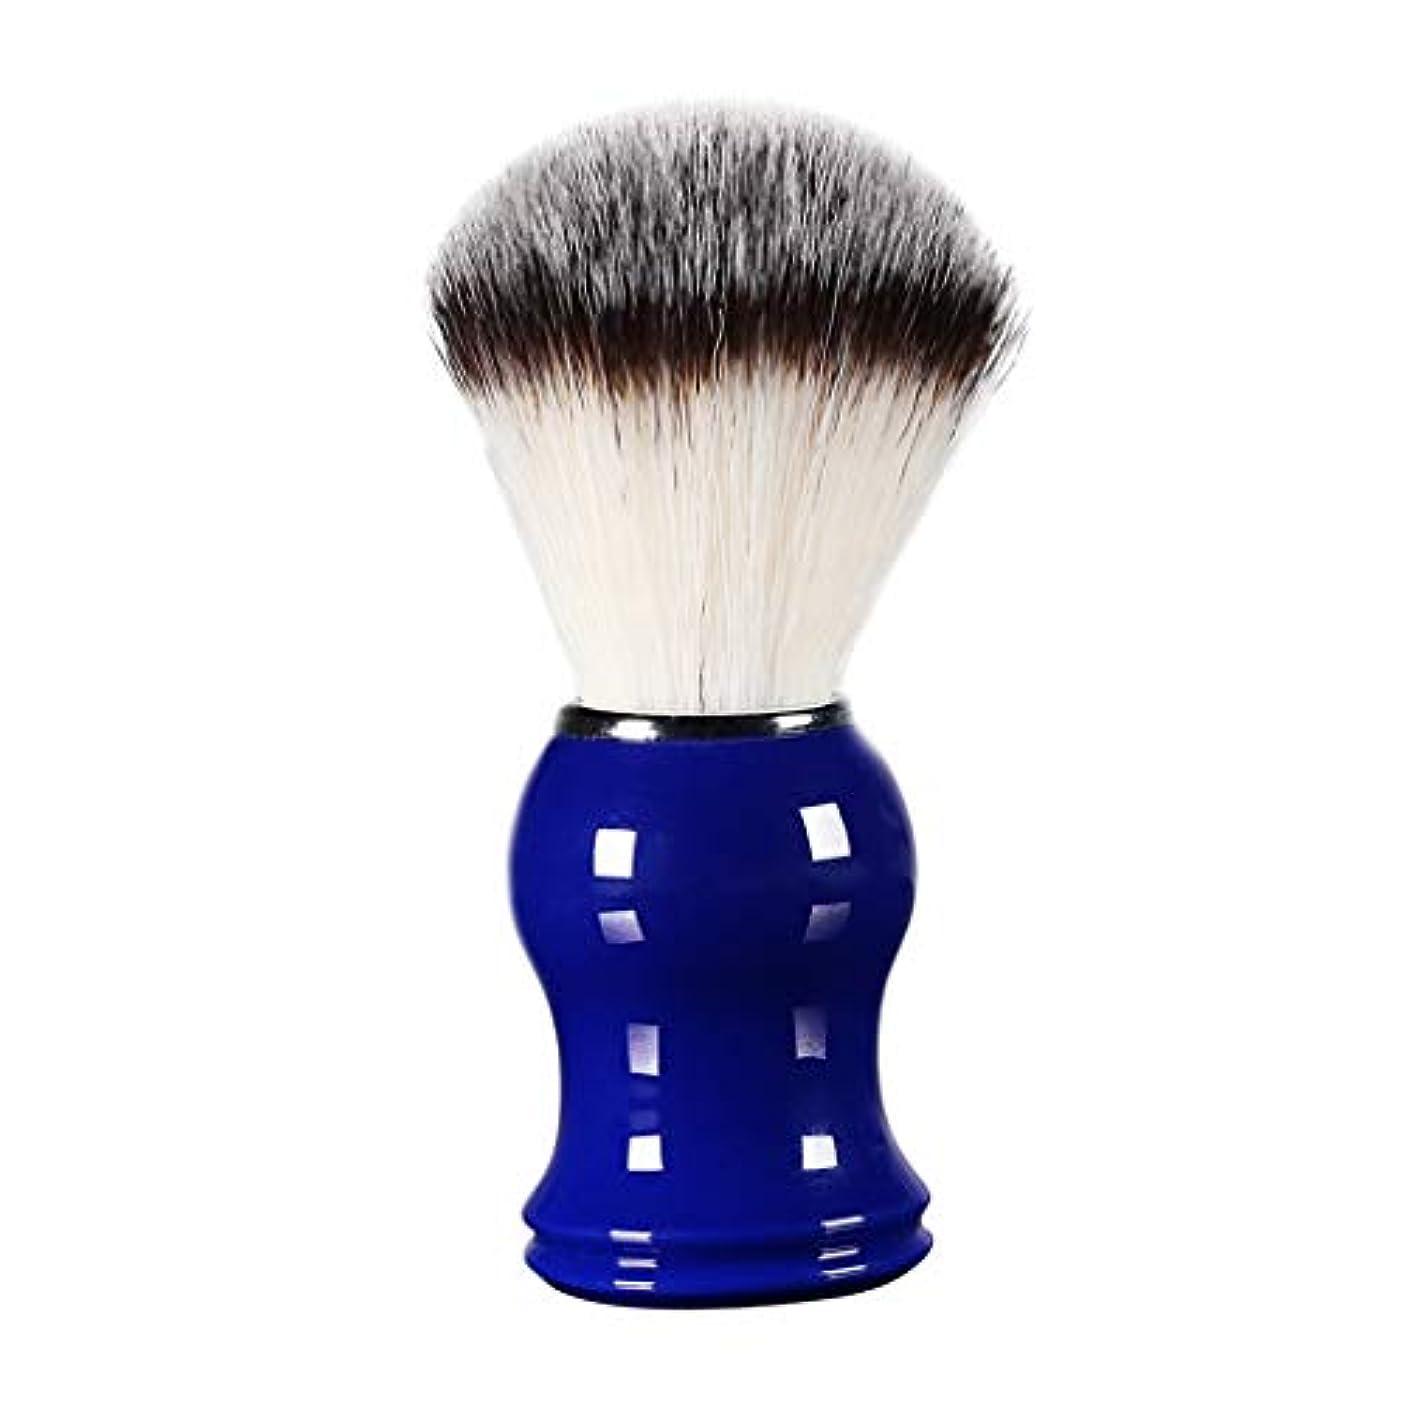 不正応援する発掘床屋 サロン 髭剃り シェービングブラシ メンズ 泡立ち 洗顔 理容 約11cm